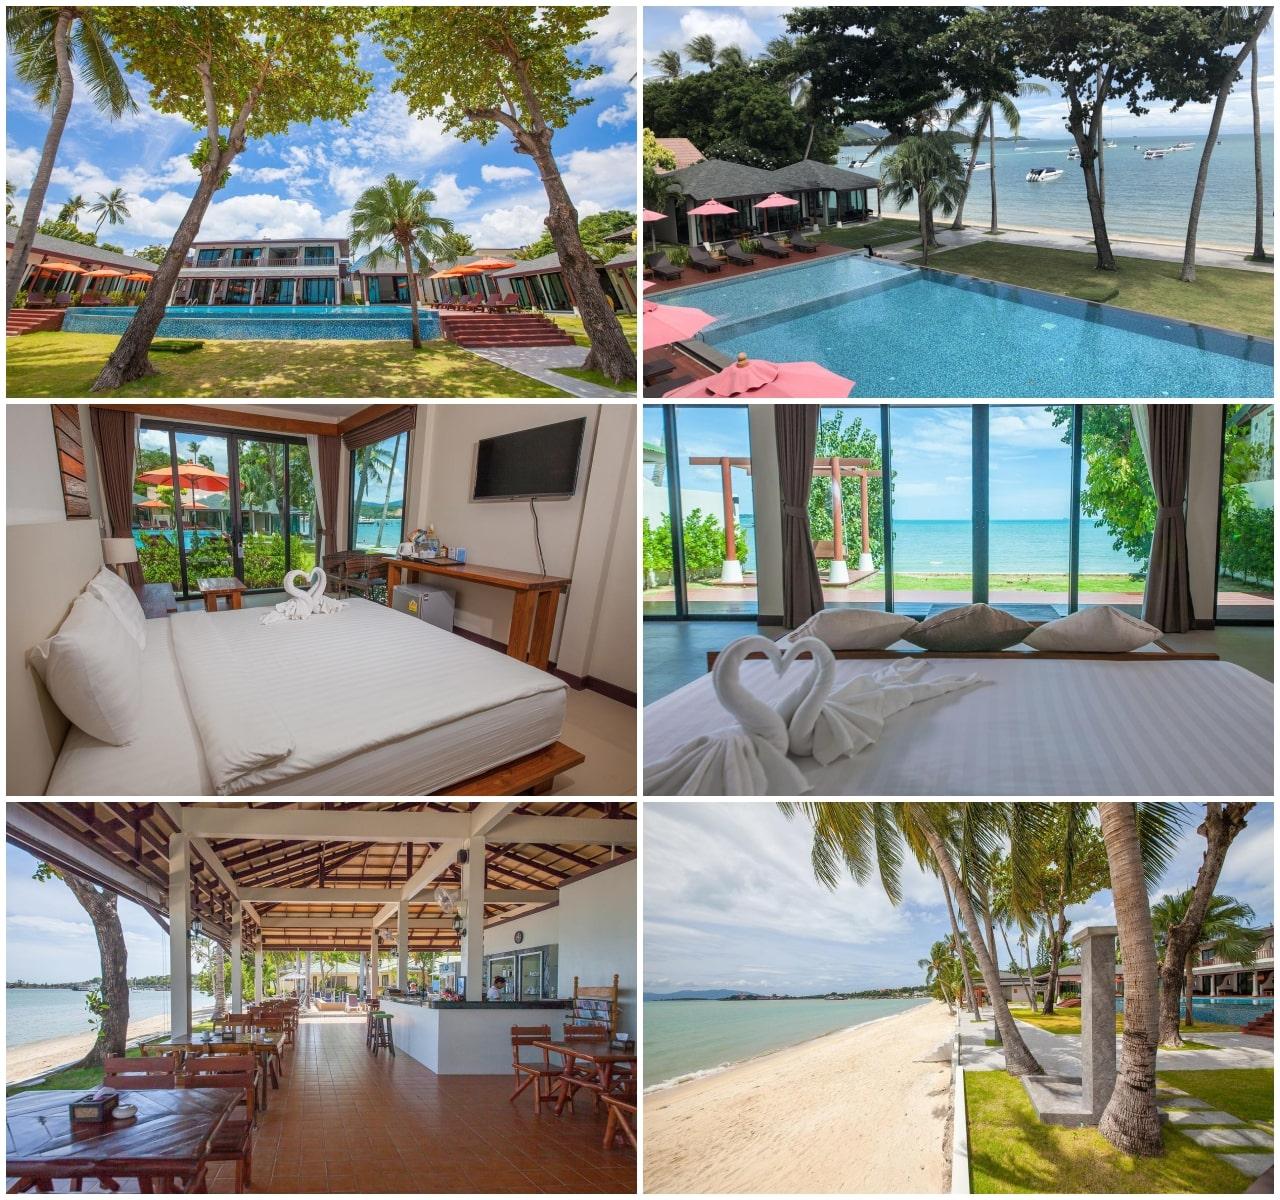 8 ที่พักเกาะสมุยราคาหลักร้อย ติดทะเล งบไม่เกิน 790 บาท!